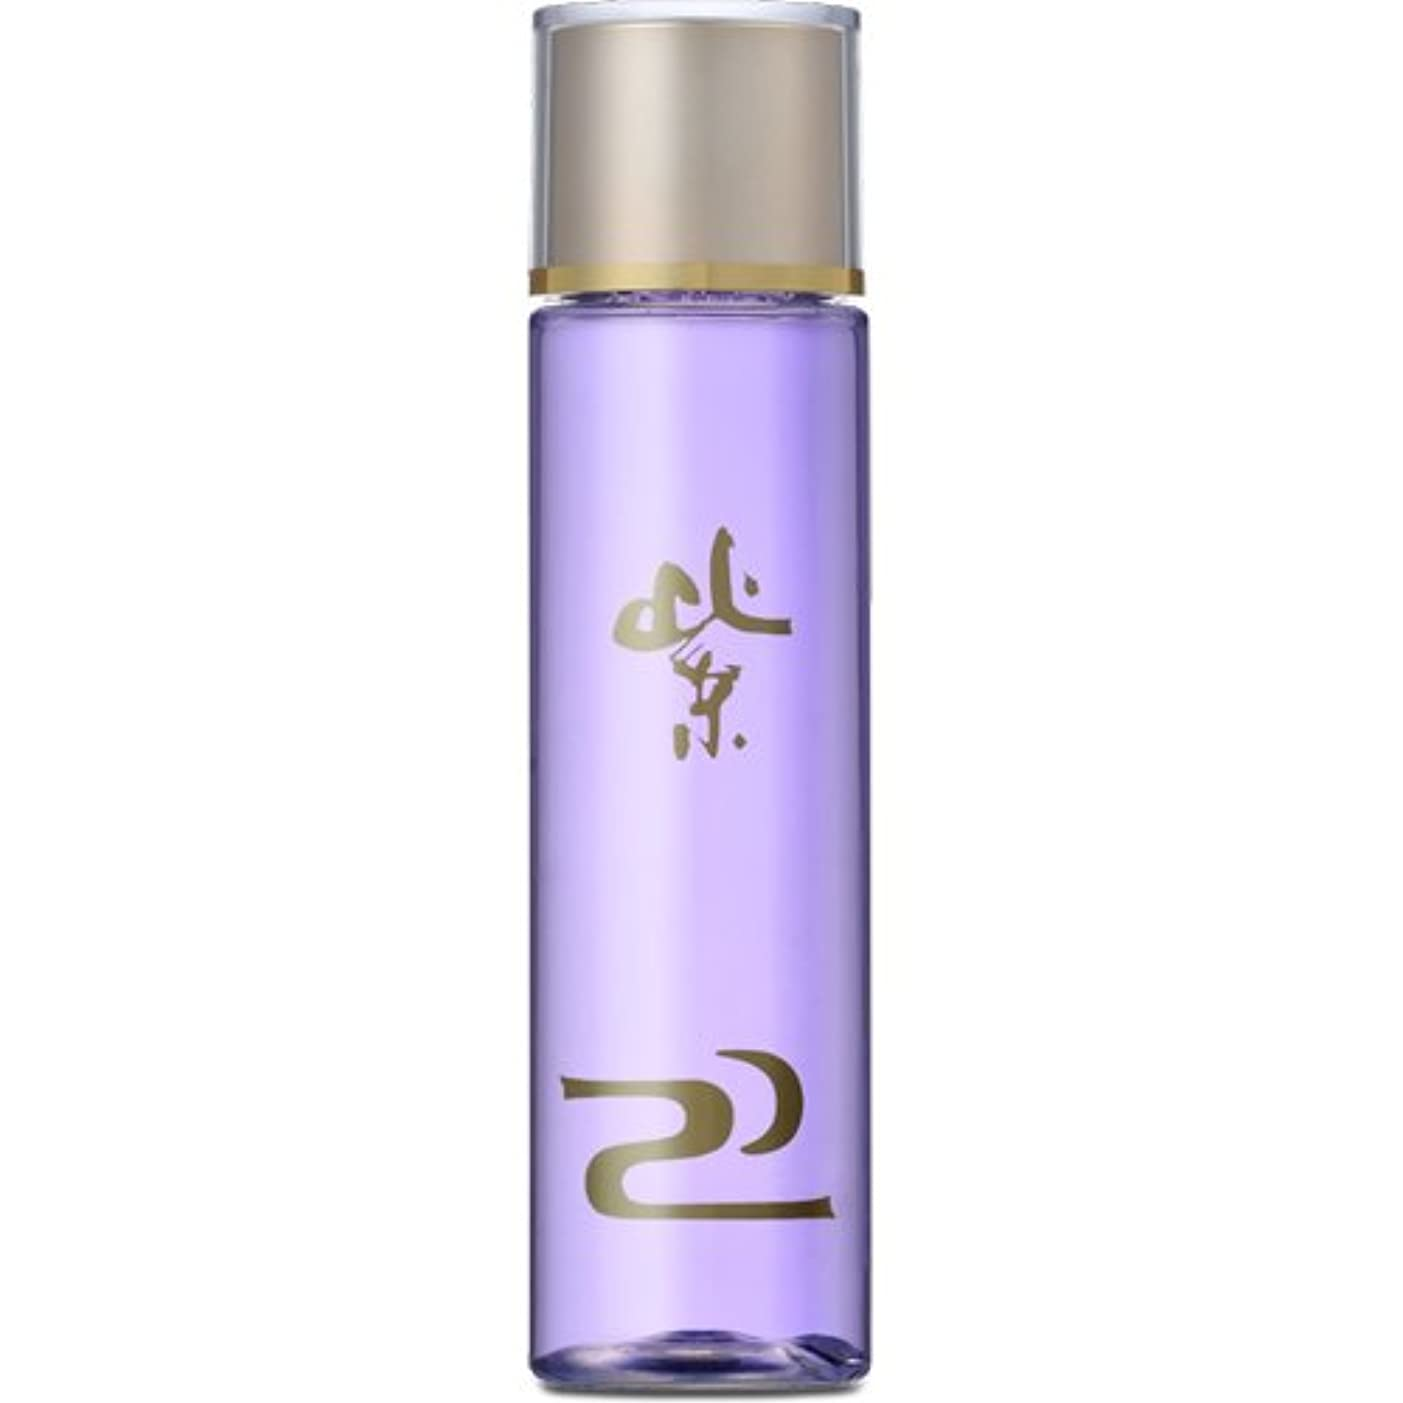 しょっぱい乗算霧深いホワイトリリー WL紫 120mL 化粧水